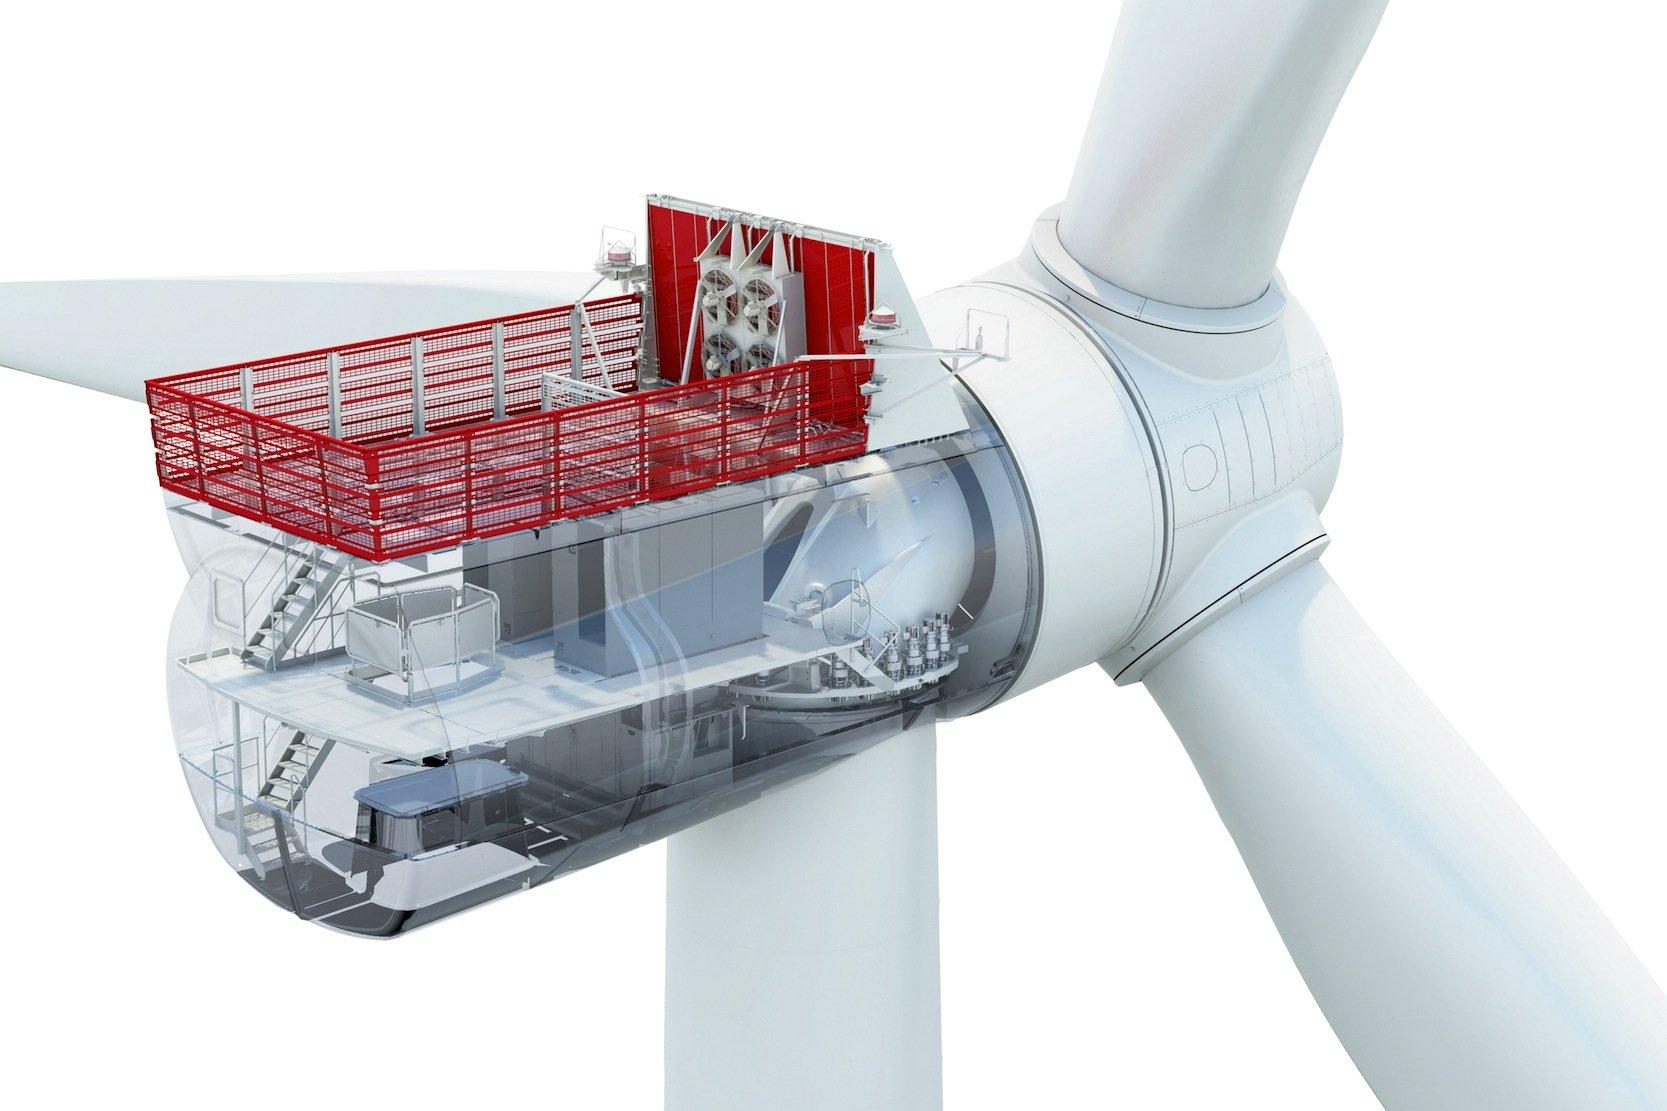 Transparente Darstellung der 7- und 8-MW-Offshore-Anlage von Siemens: Das Maschinenhaus erstreckt sich über zwei Etagen.